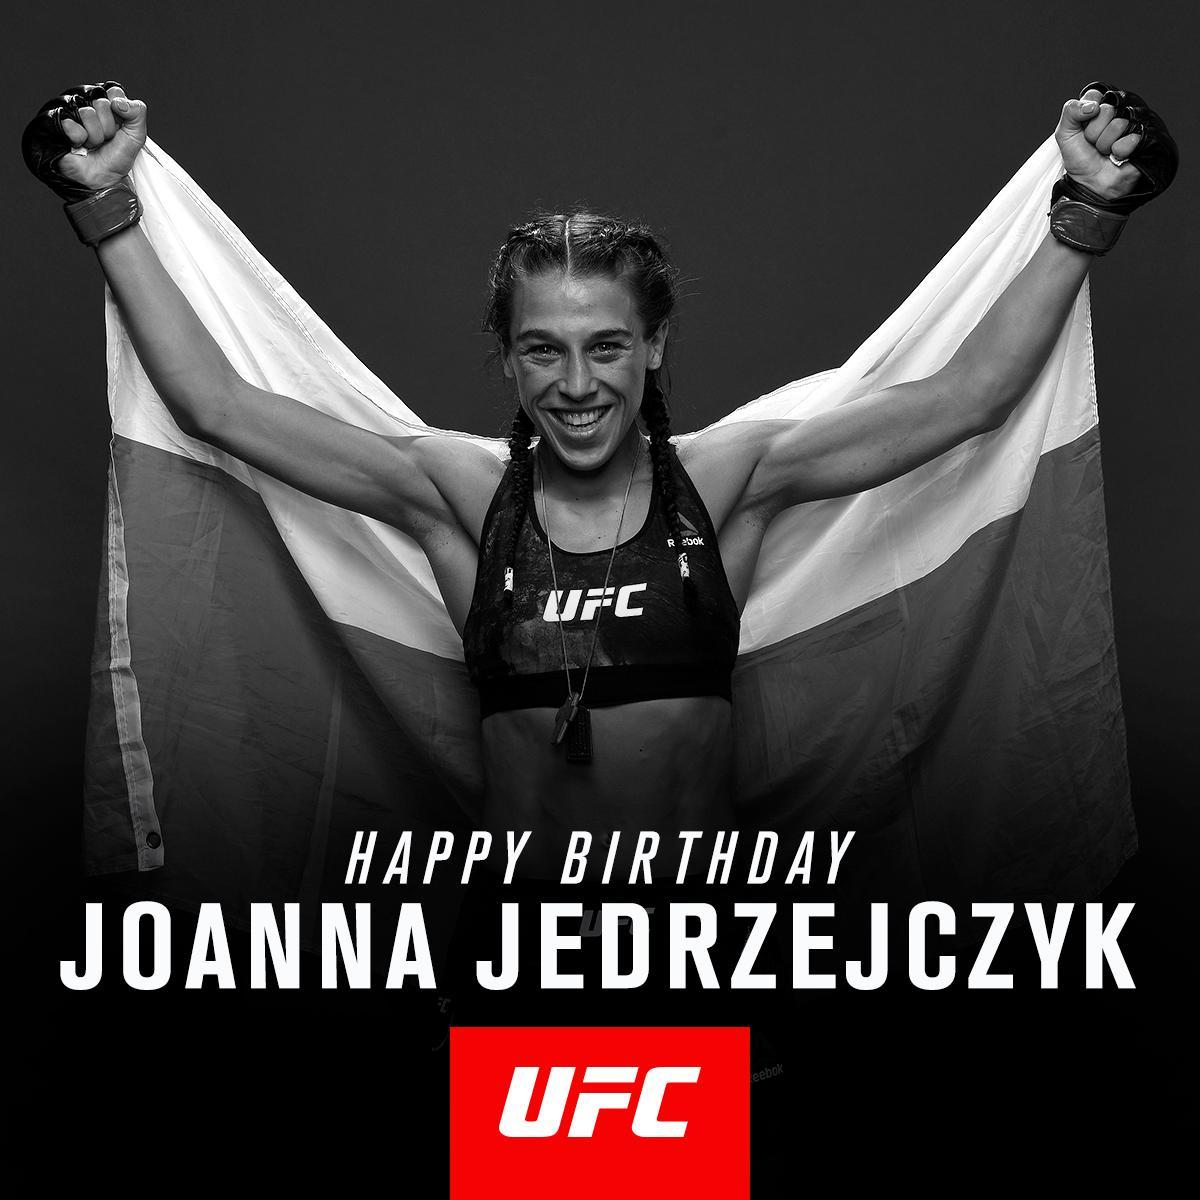 RT to wish @JoannaMMA a very happy birthday!